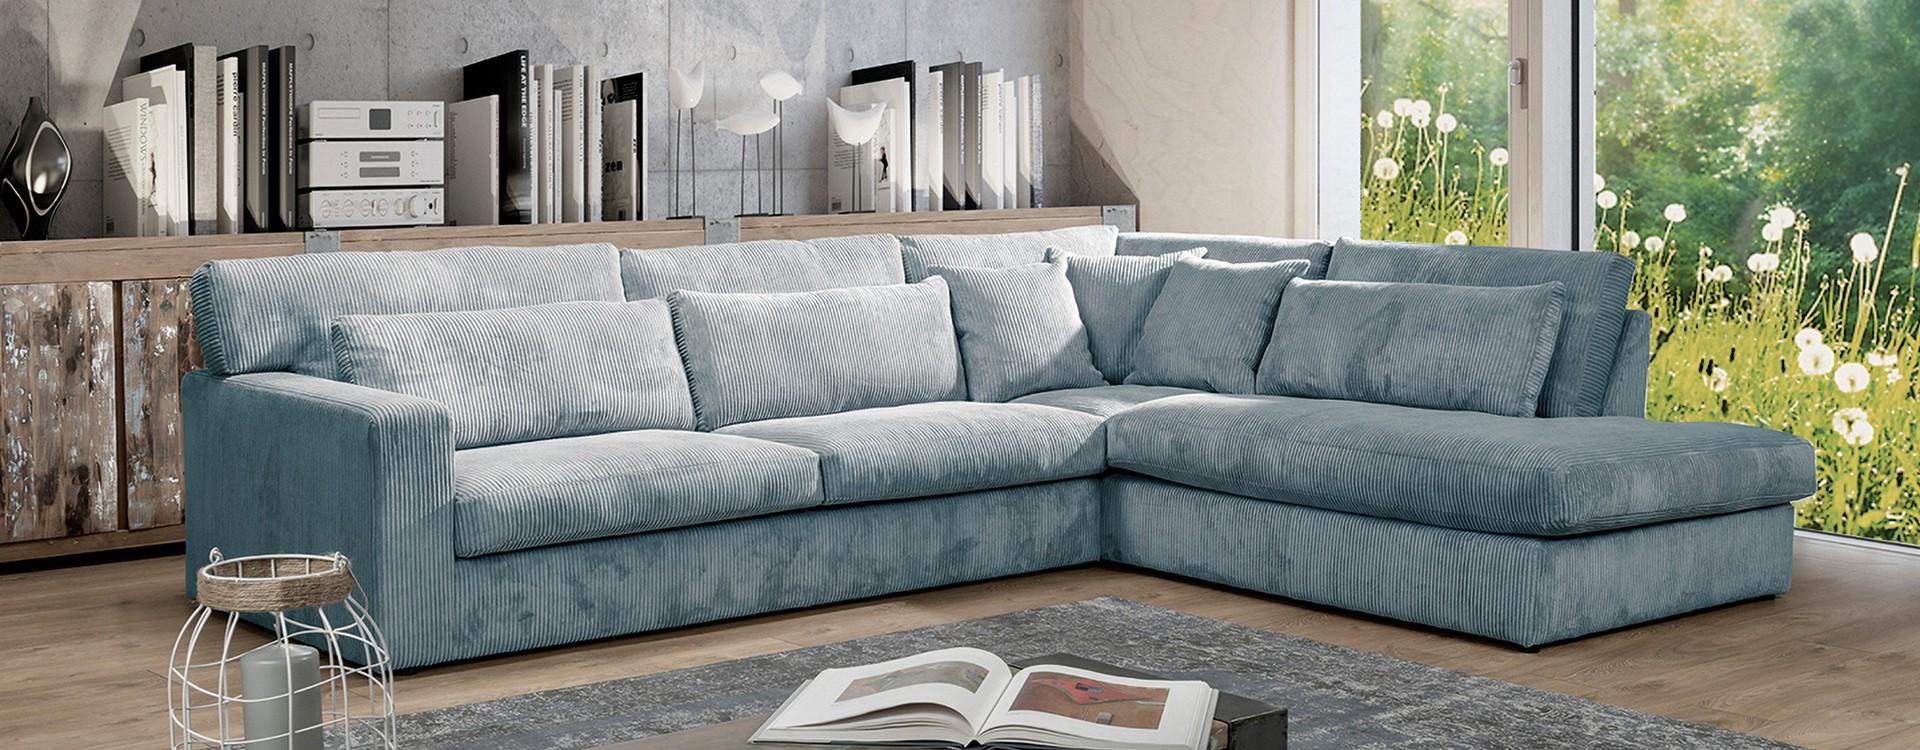 Au salon : un canapé d'angle ou deux canapés ? Nos conseils pour bien choisir